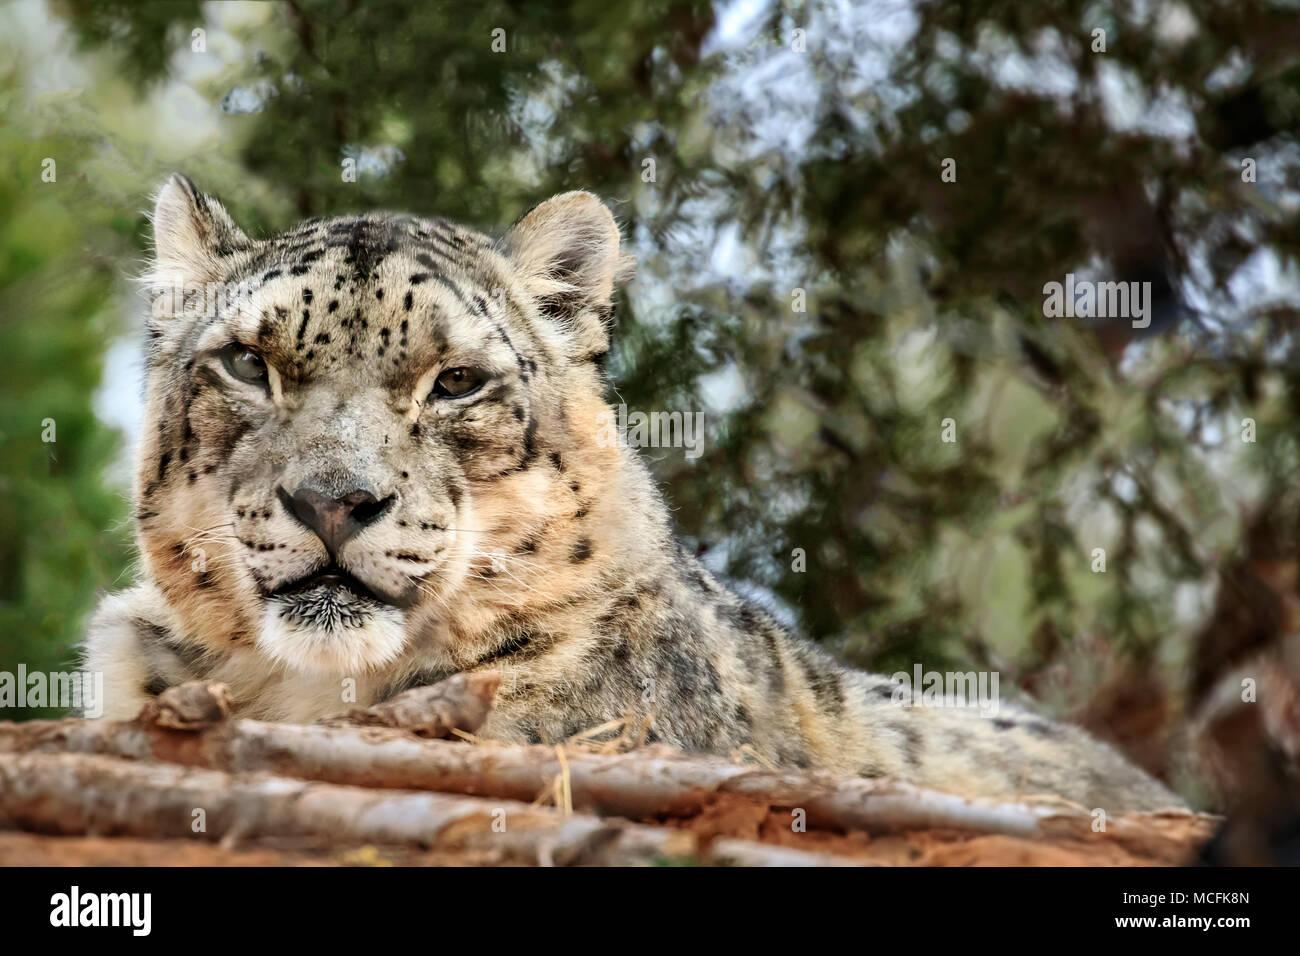 Snow Leopard (Panthera uncia) portrait. - Stock Image